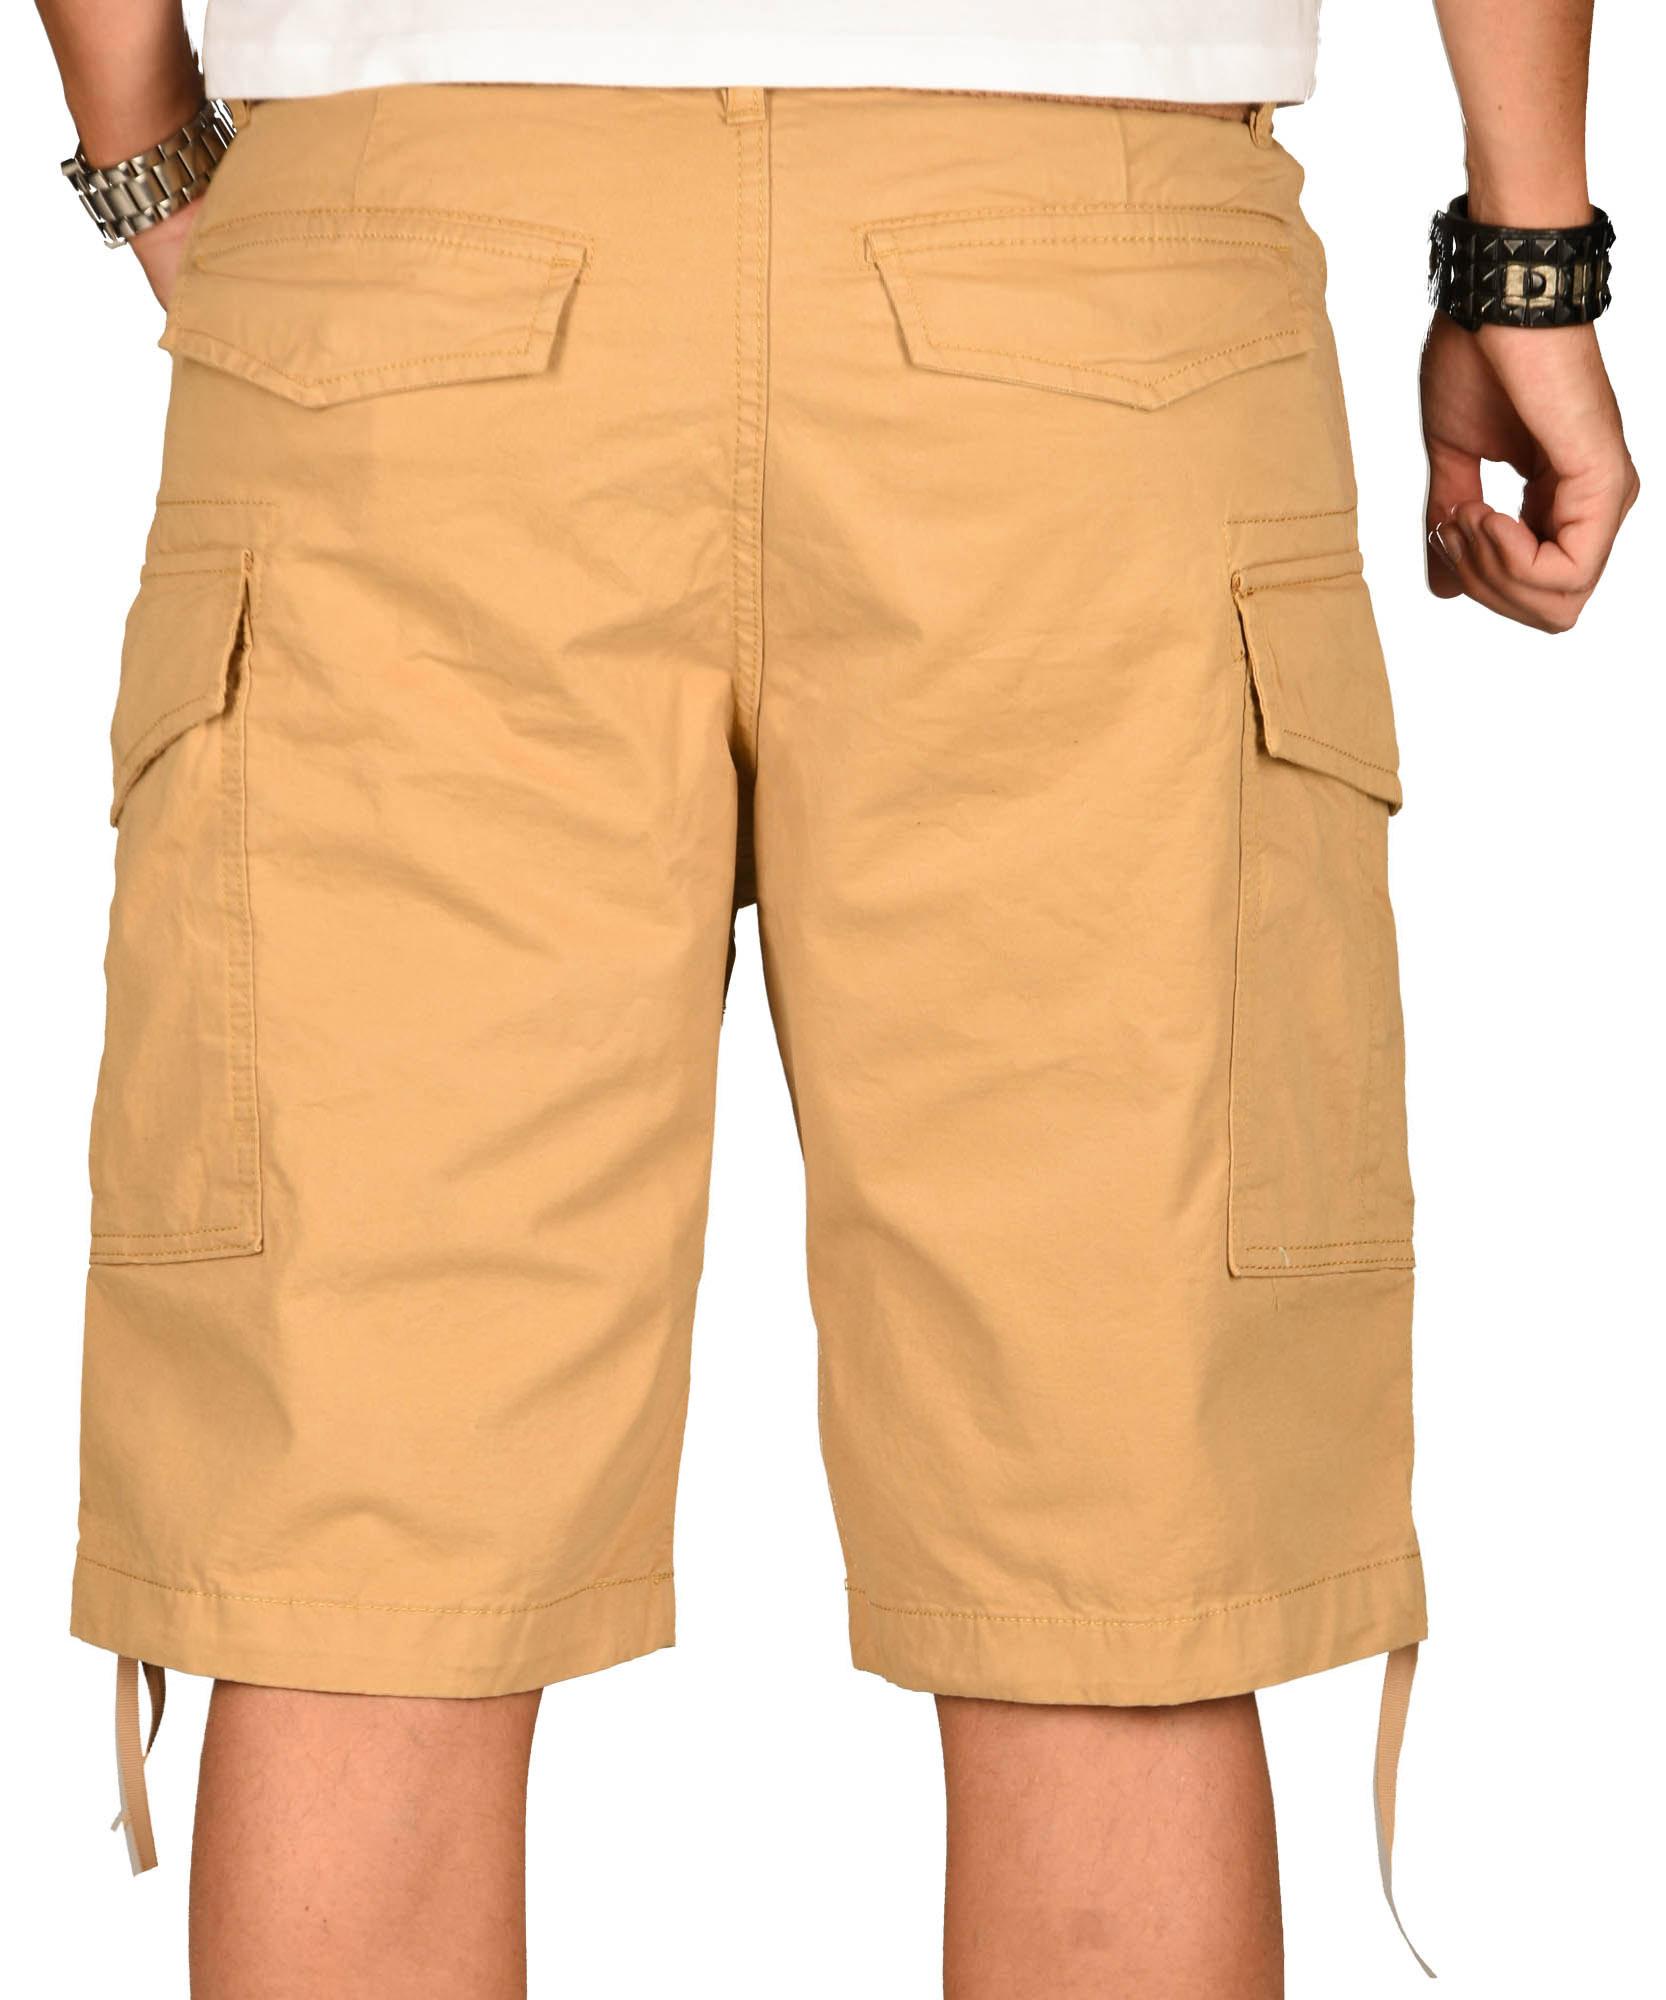 A-Salvarini-Herren-Comfort-Cargo-Shorts-Cargoshorts-kurze-Hose-Guertel-AS133-NEU Indexbild 29